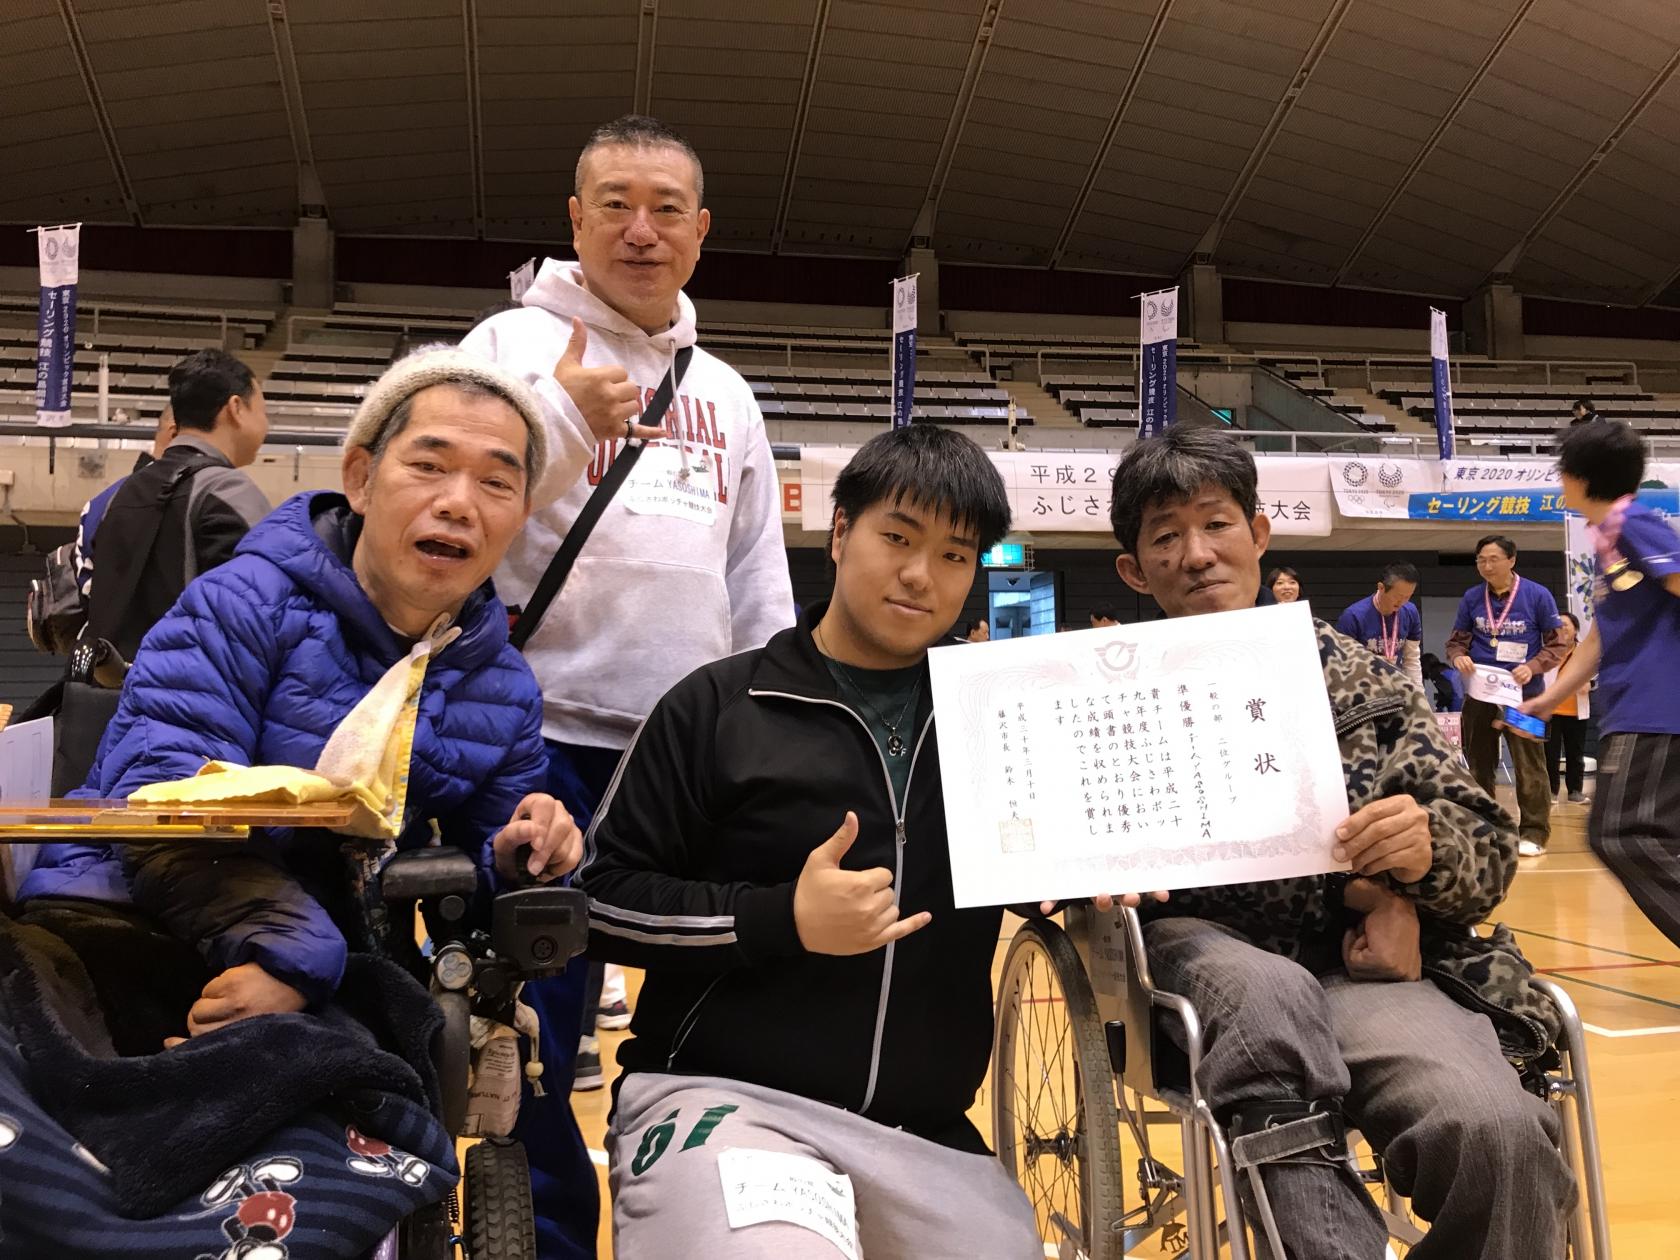 湘南希望の郷から「ふじさわボッチャ競技大会参加!!」の報告です。